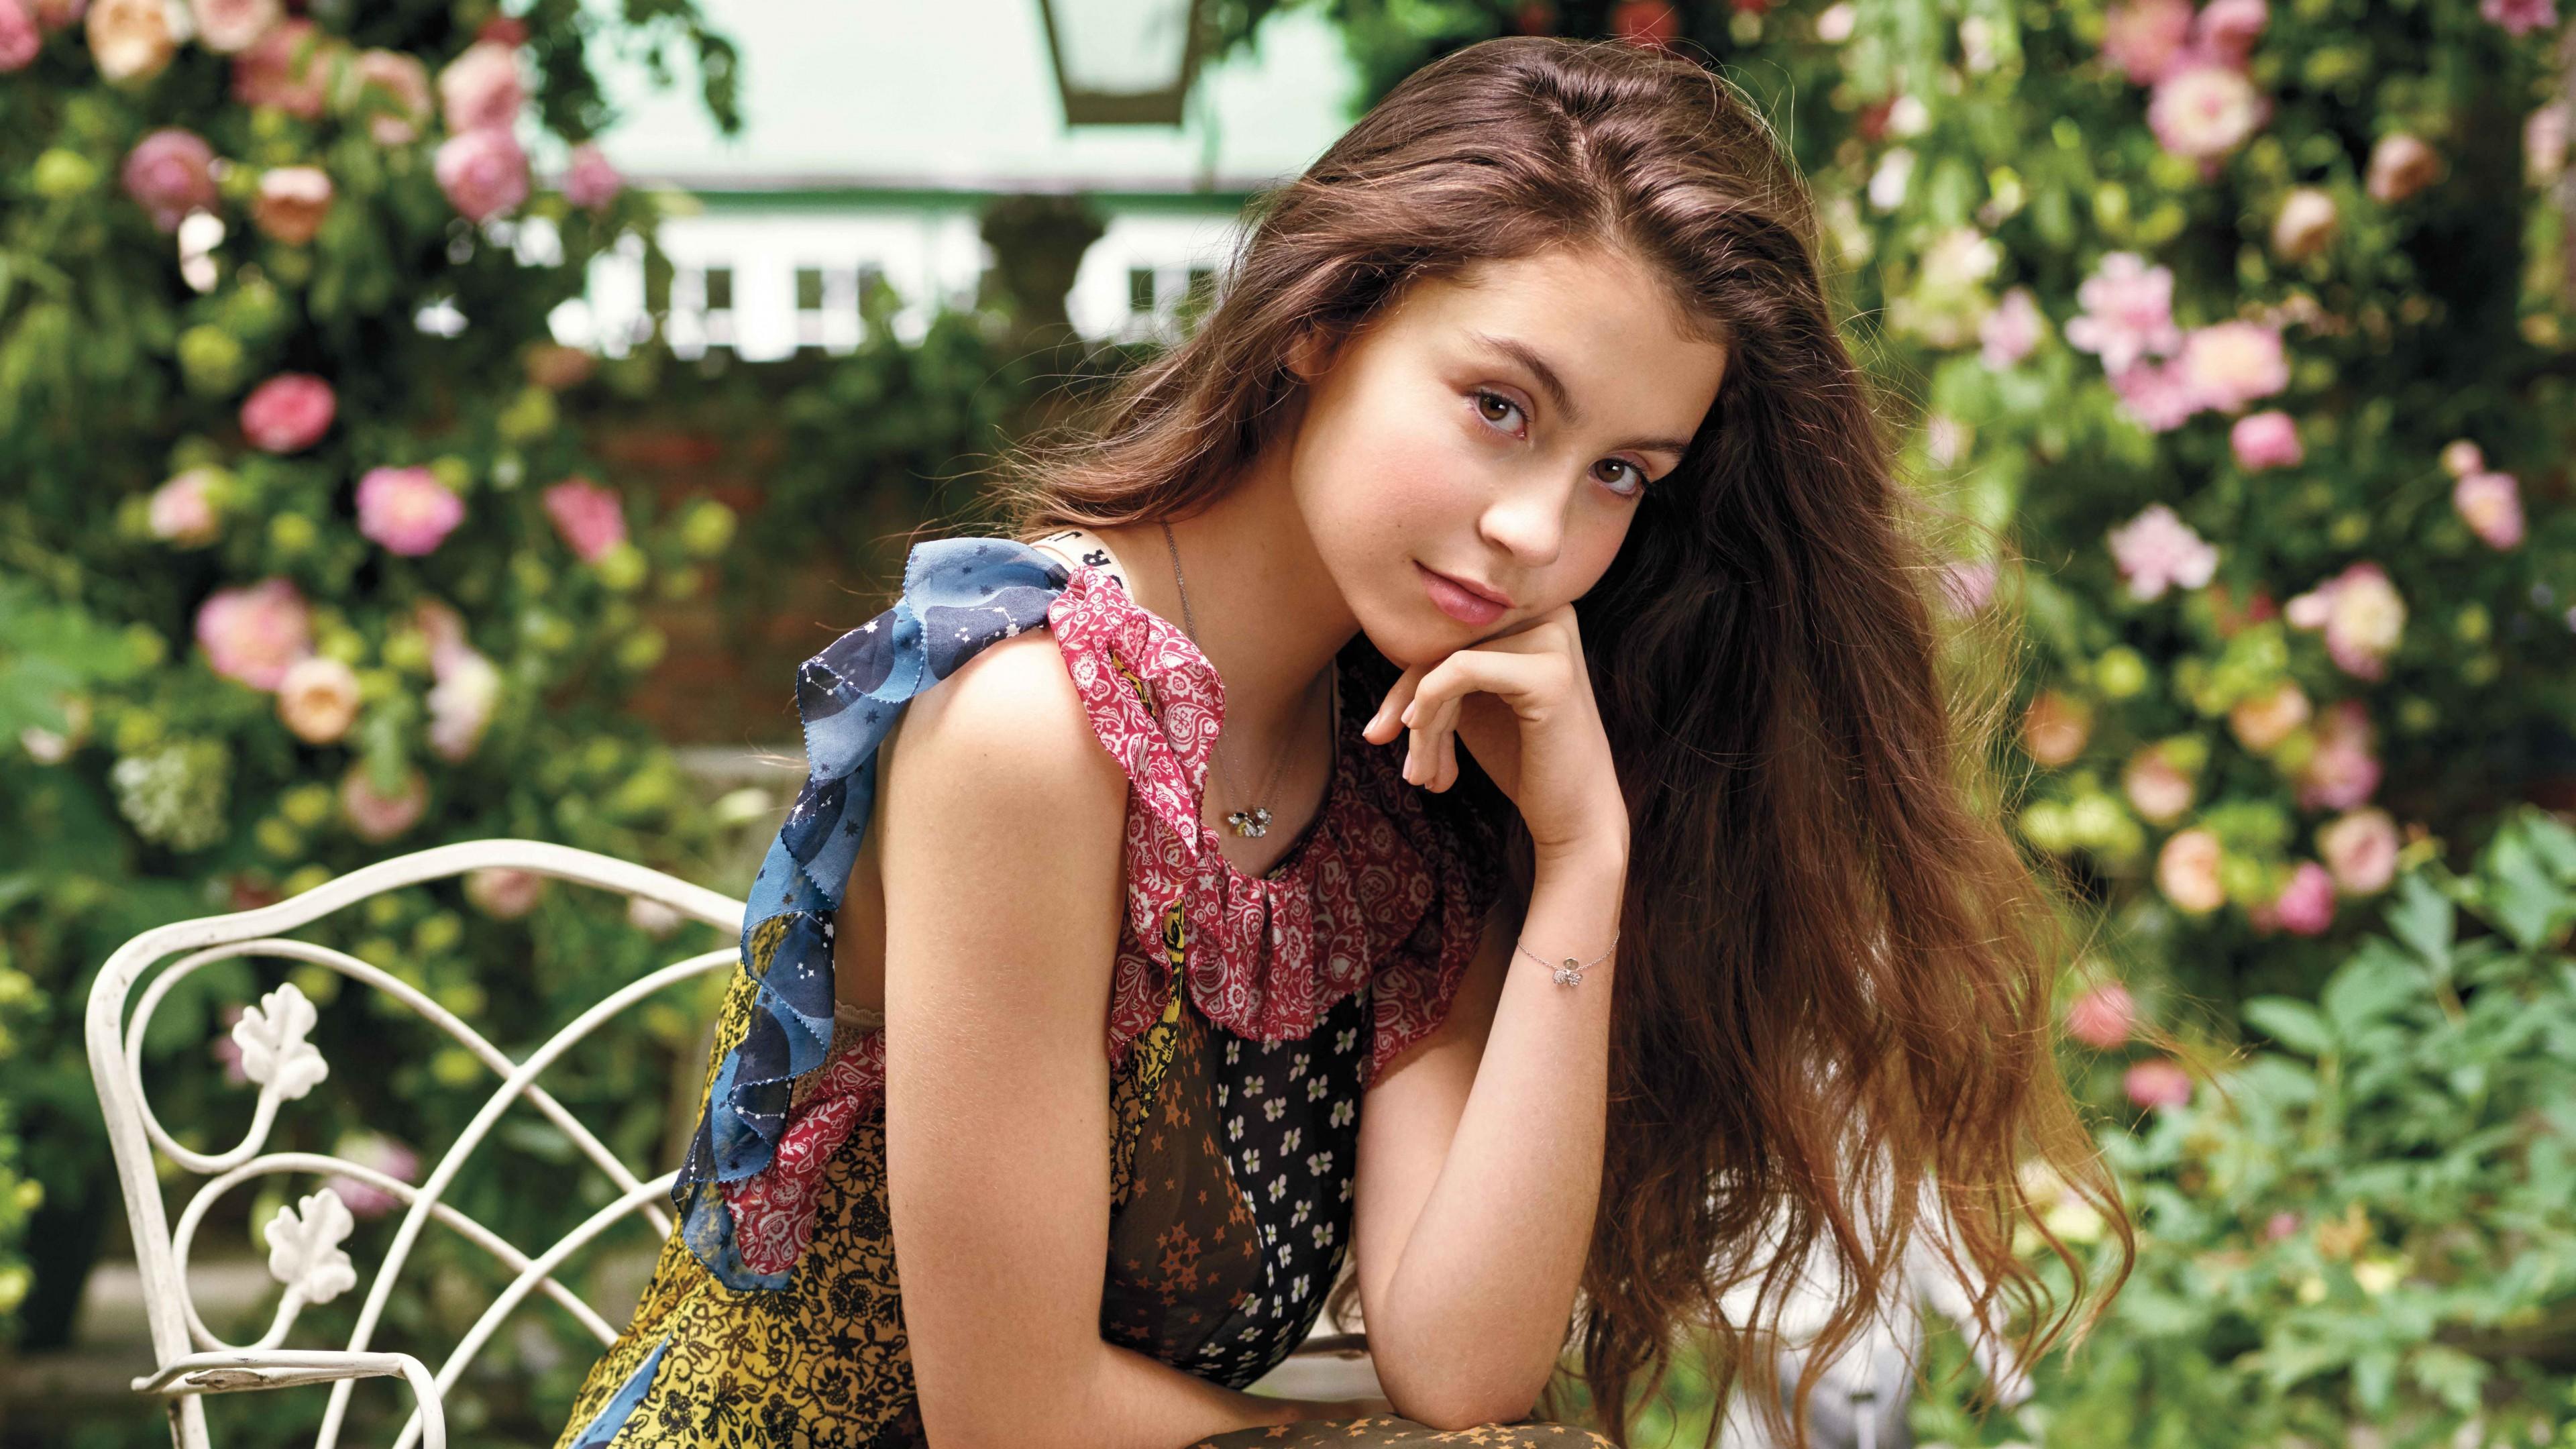 Мечтательная девушка с карими глазами в роскошном саду цветущих роз